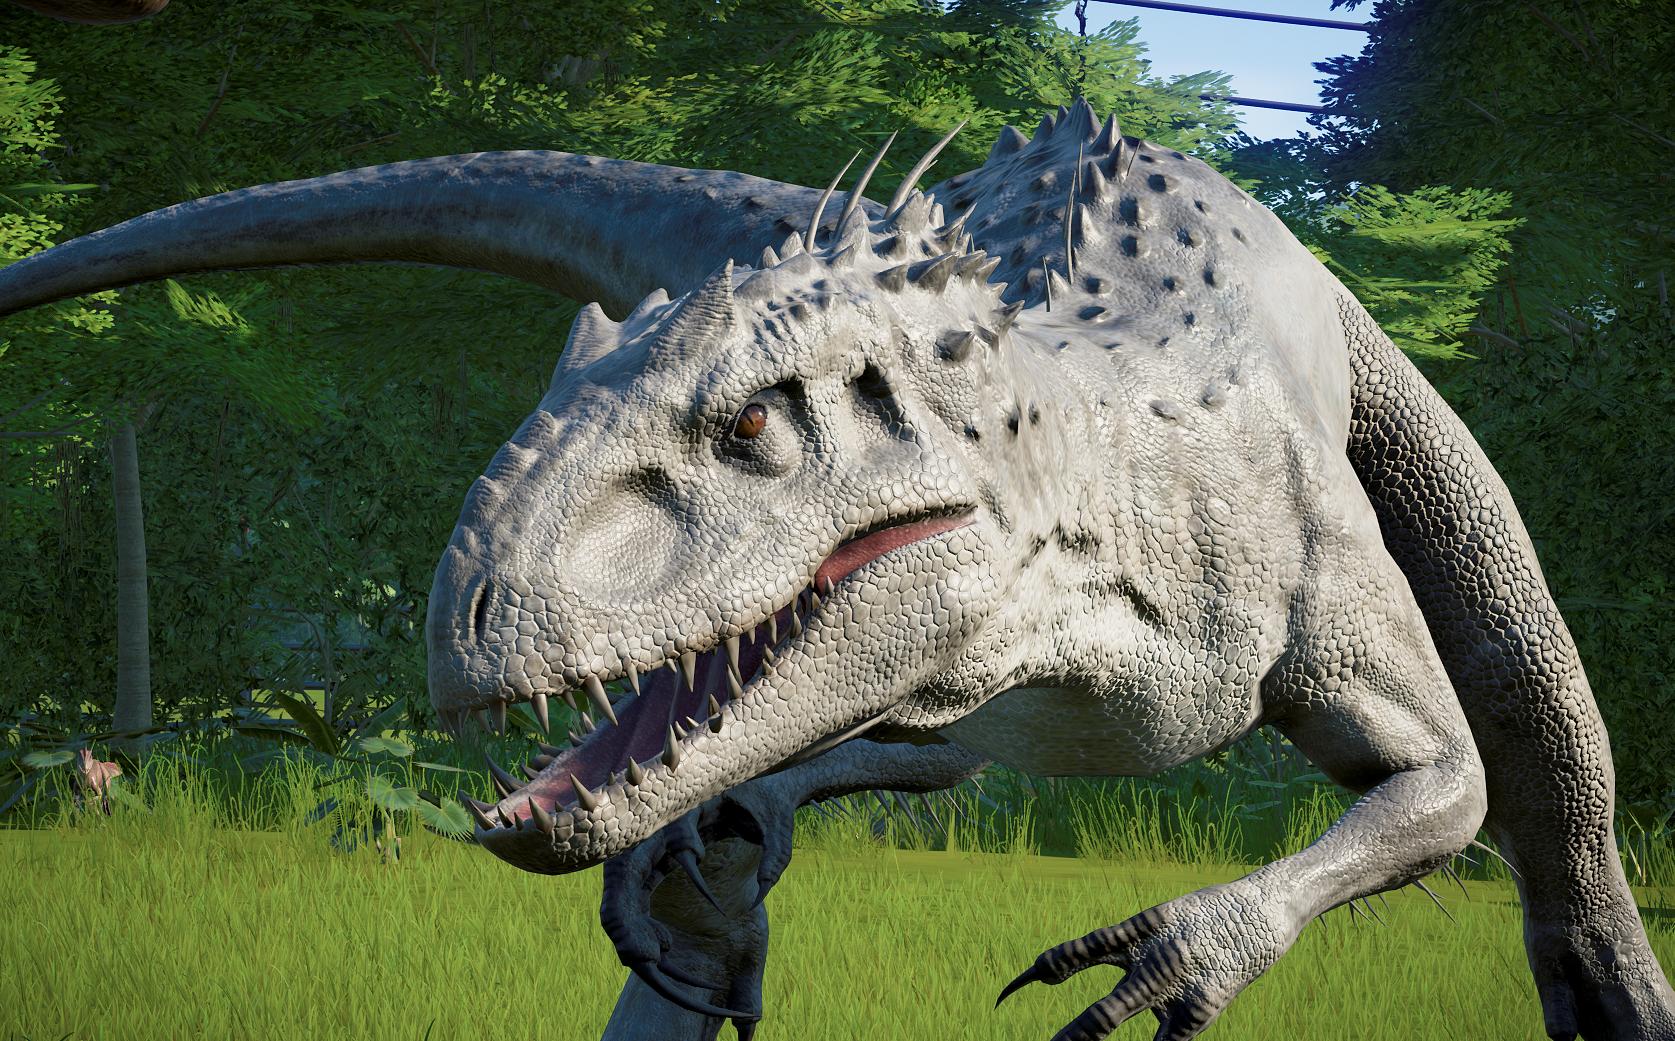 Indominus Rex Jurassic World Evolution By Sapphiresenthiss Jurassic World Jurassic World Dinosaurs Jurassic Park World